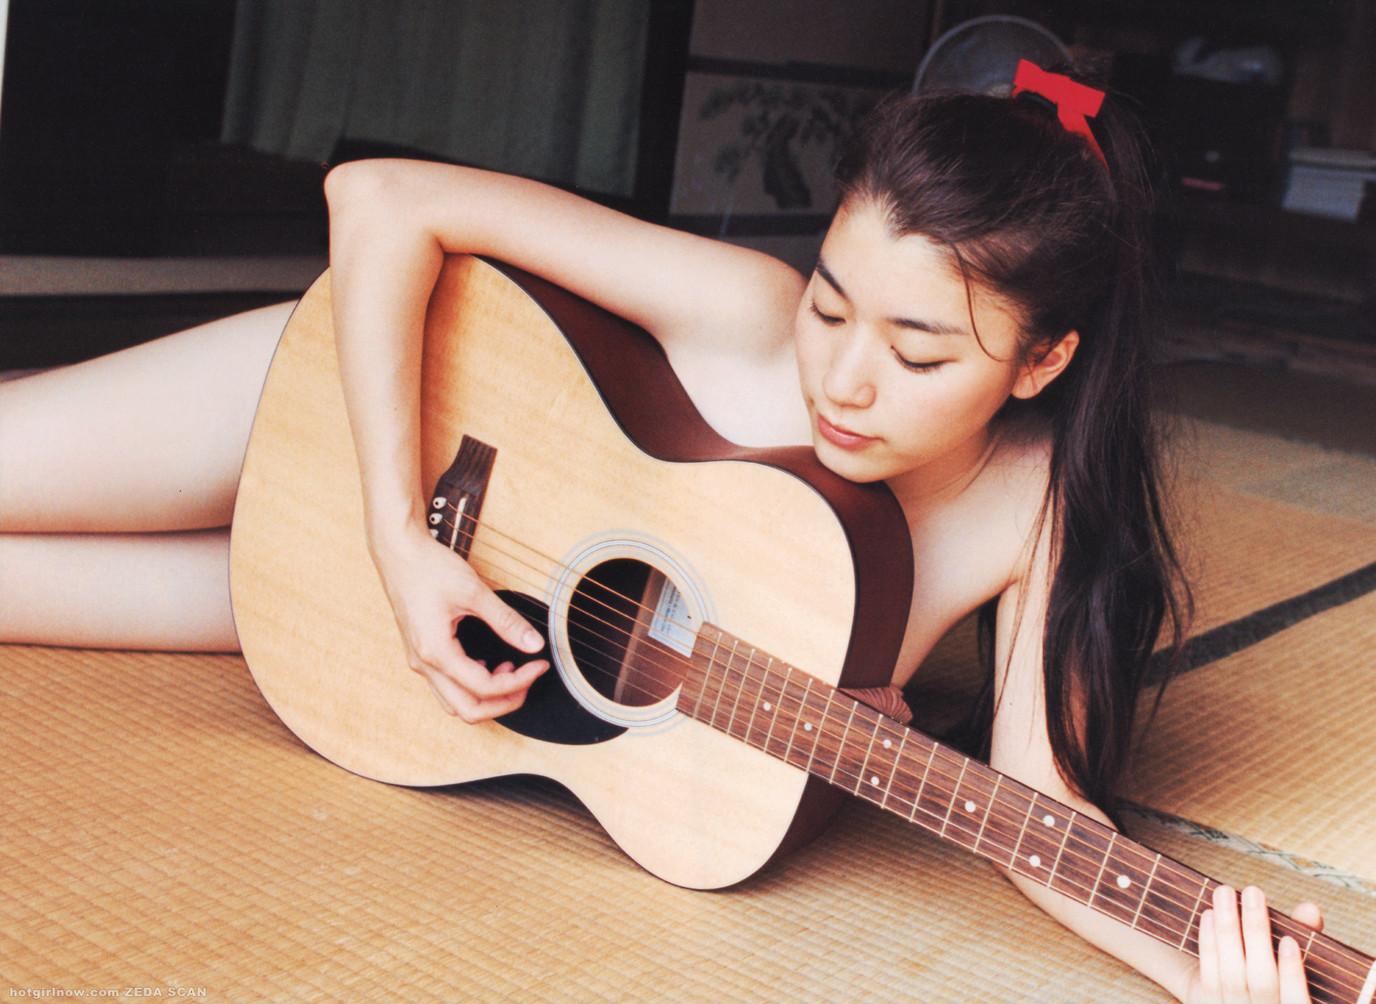 【おっぱい】バンドマンじゃなくても興奮するギターとヌード女性のコラボ画像【43枚】 29